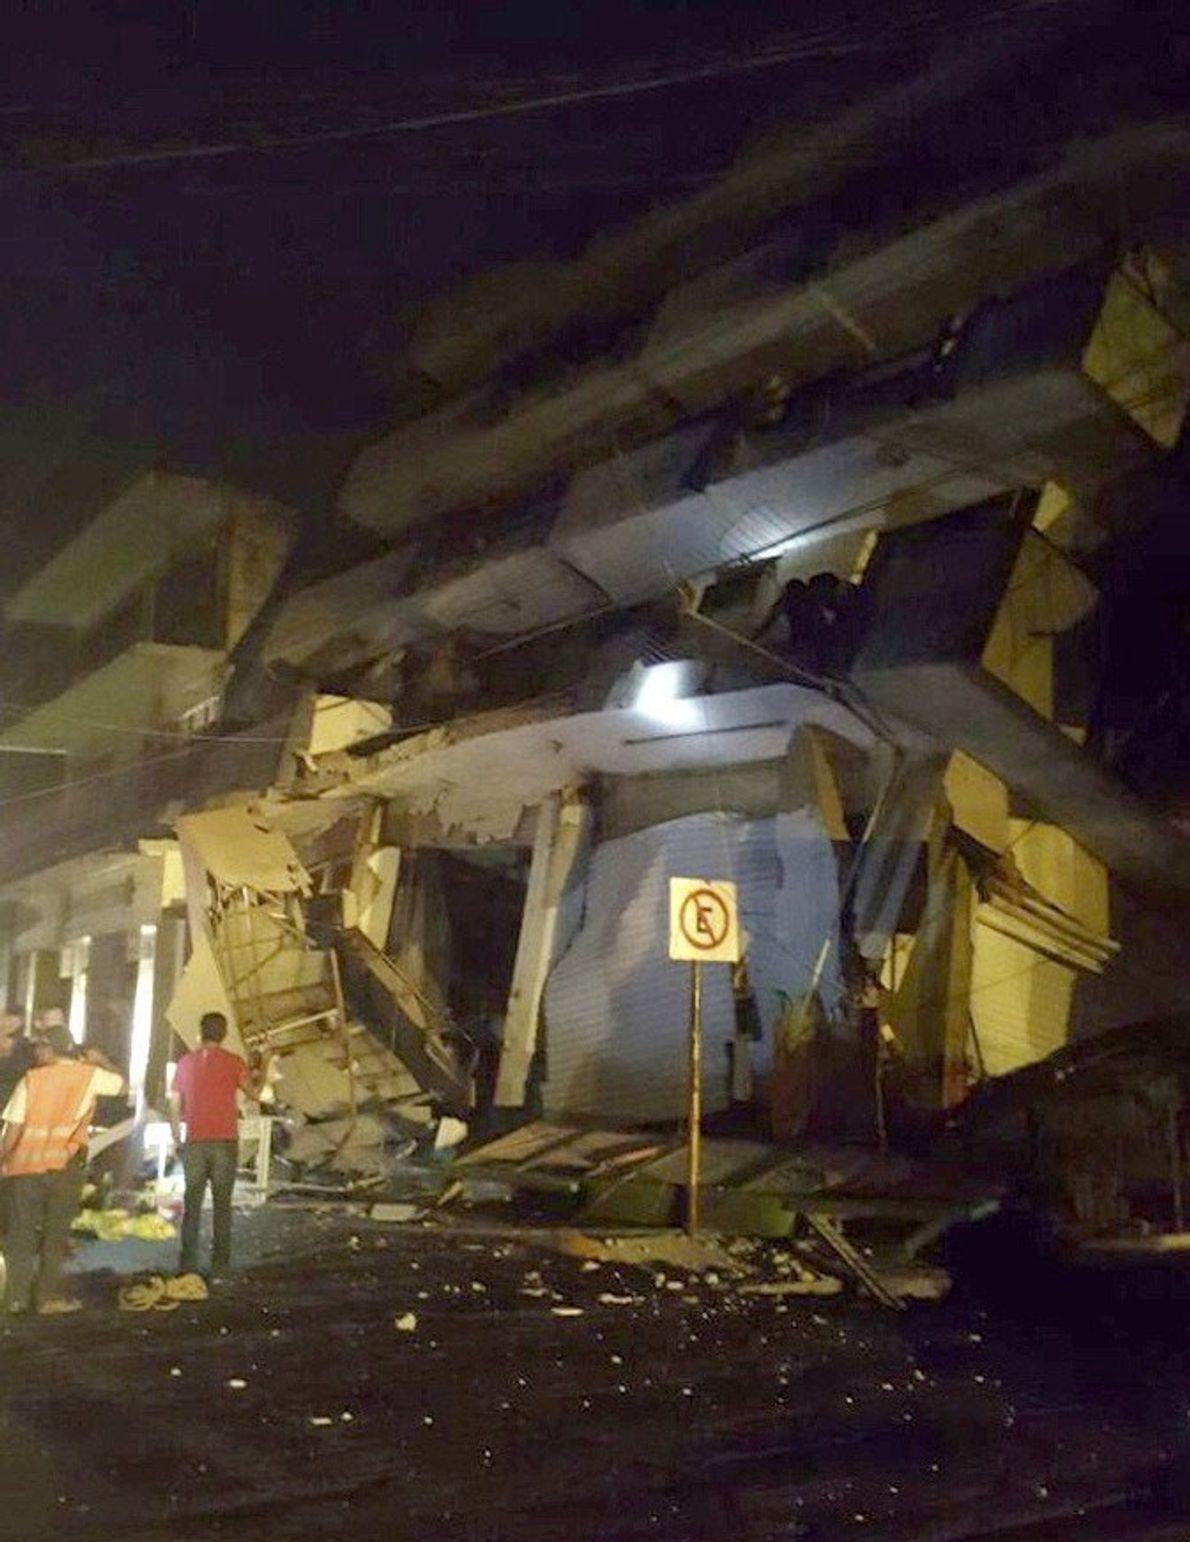 Una foto impresa que difundieron las fuerzas de Defensa Civil muestra un edificio colapsado en Oaxaca, ...